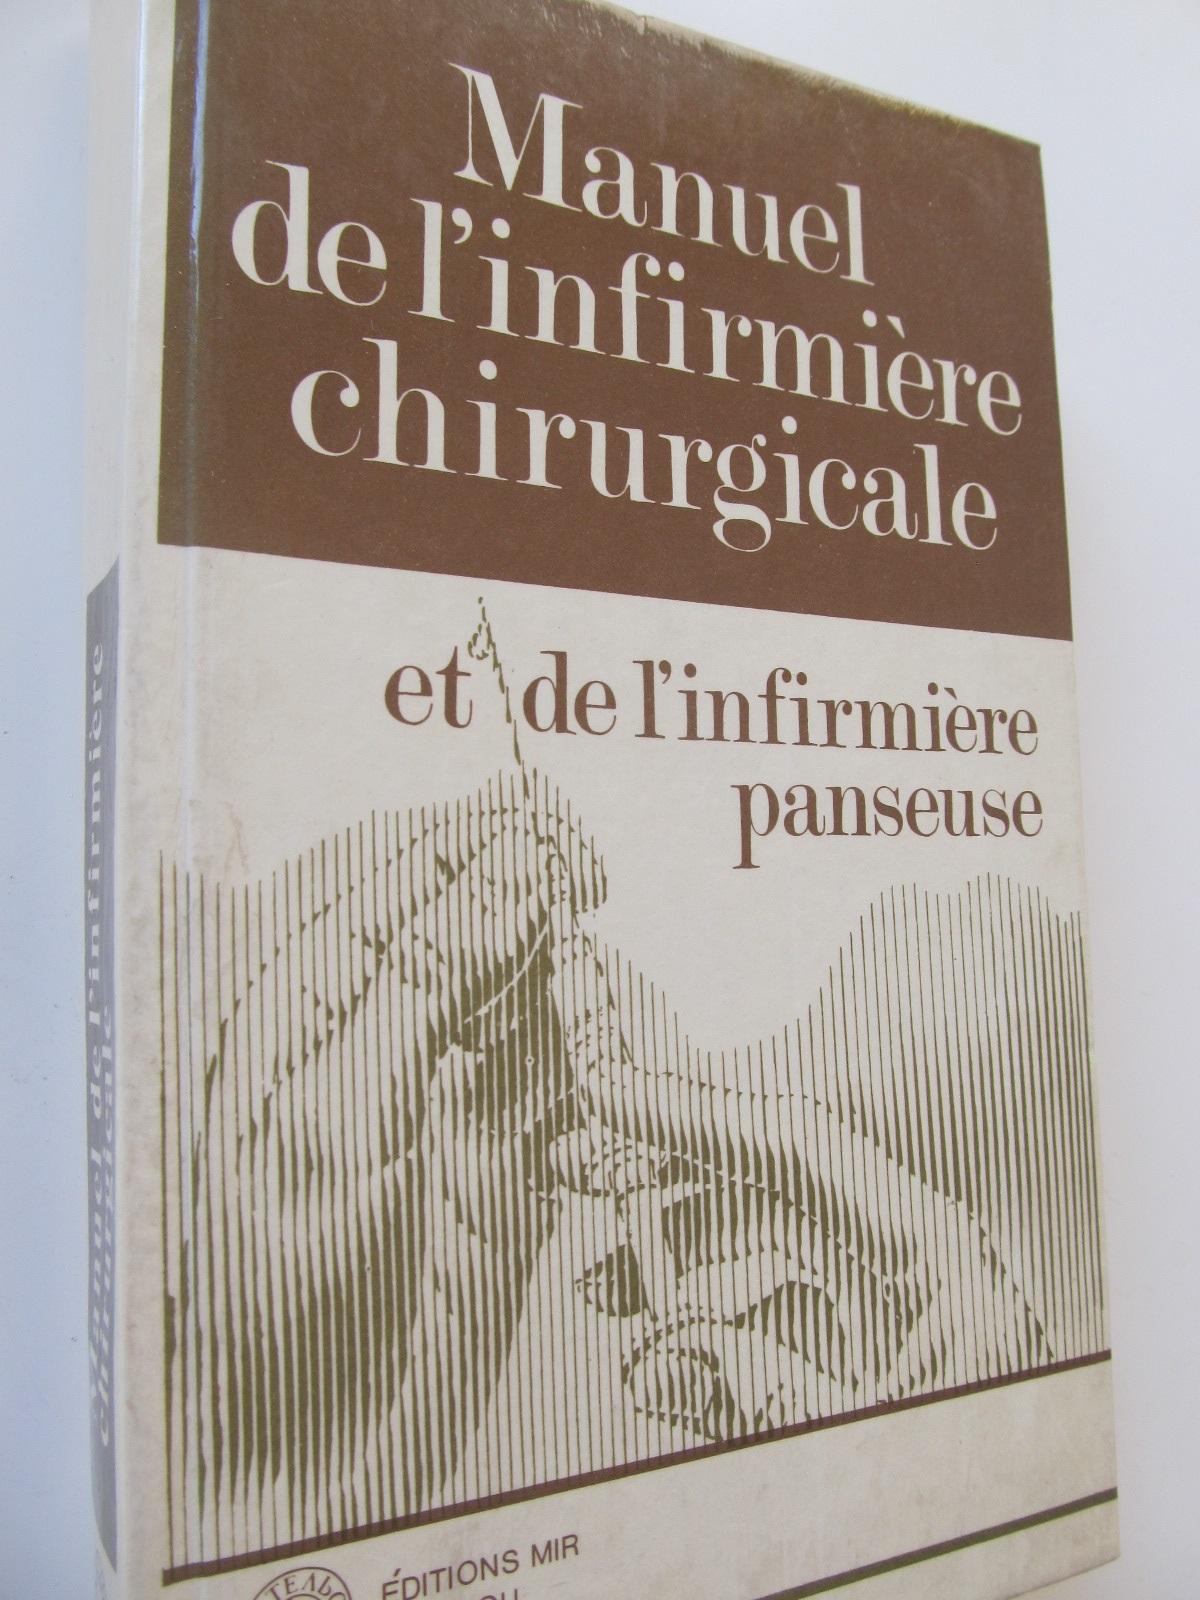 Manuel de l'infirmiere chirurgicale et de l'infirmiere panseuse - B. Kamarov   Detalii carte